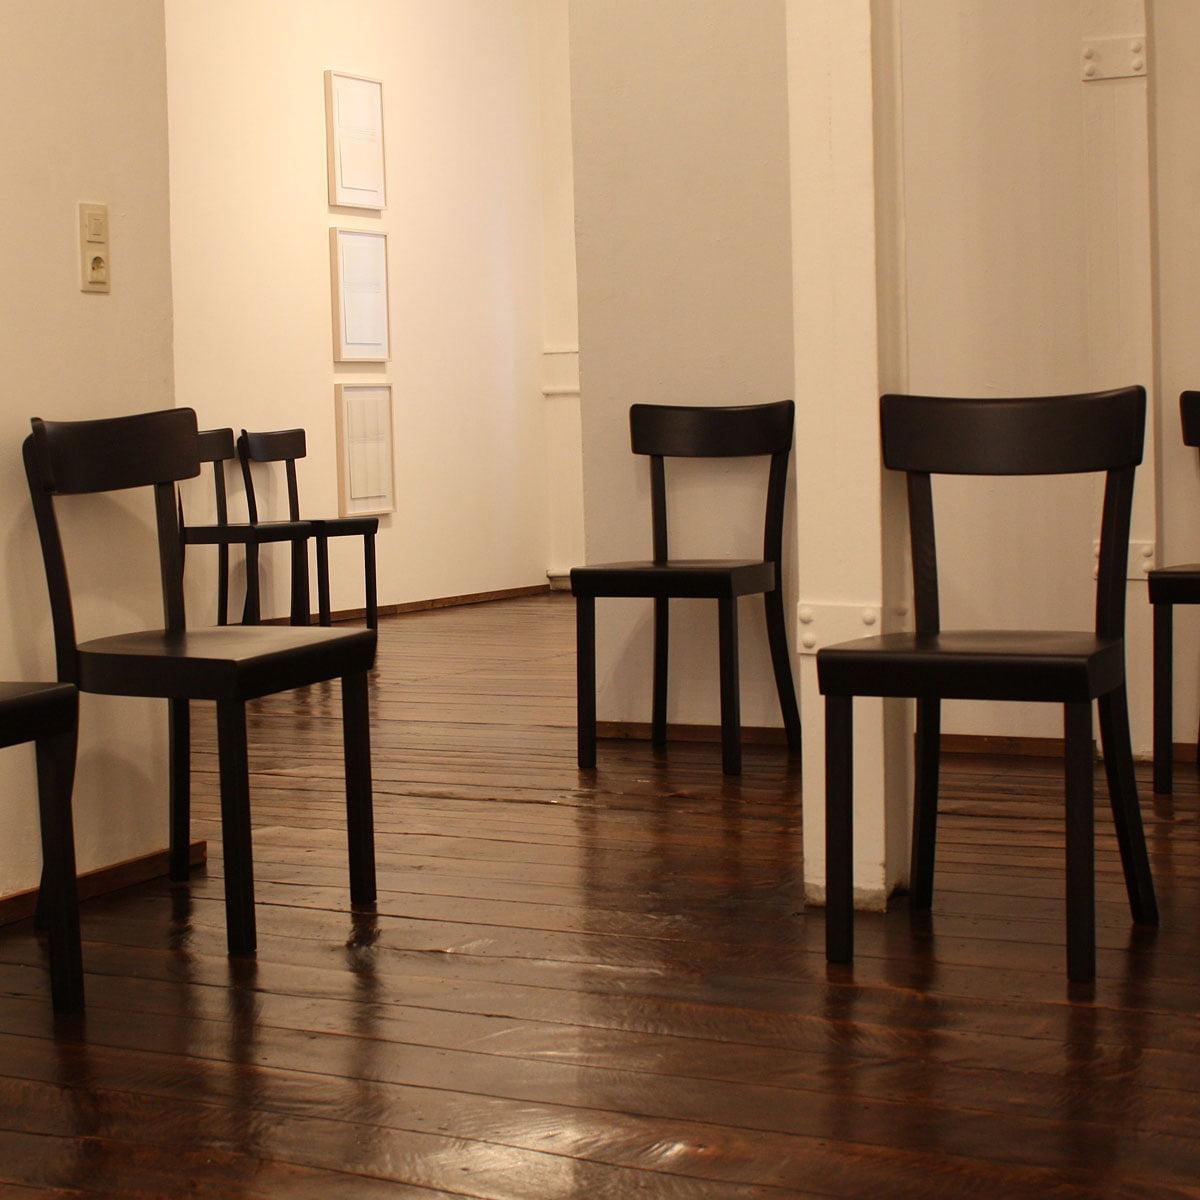 Frankfurter Stuhl von Stoelcker | Connox Shop